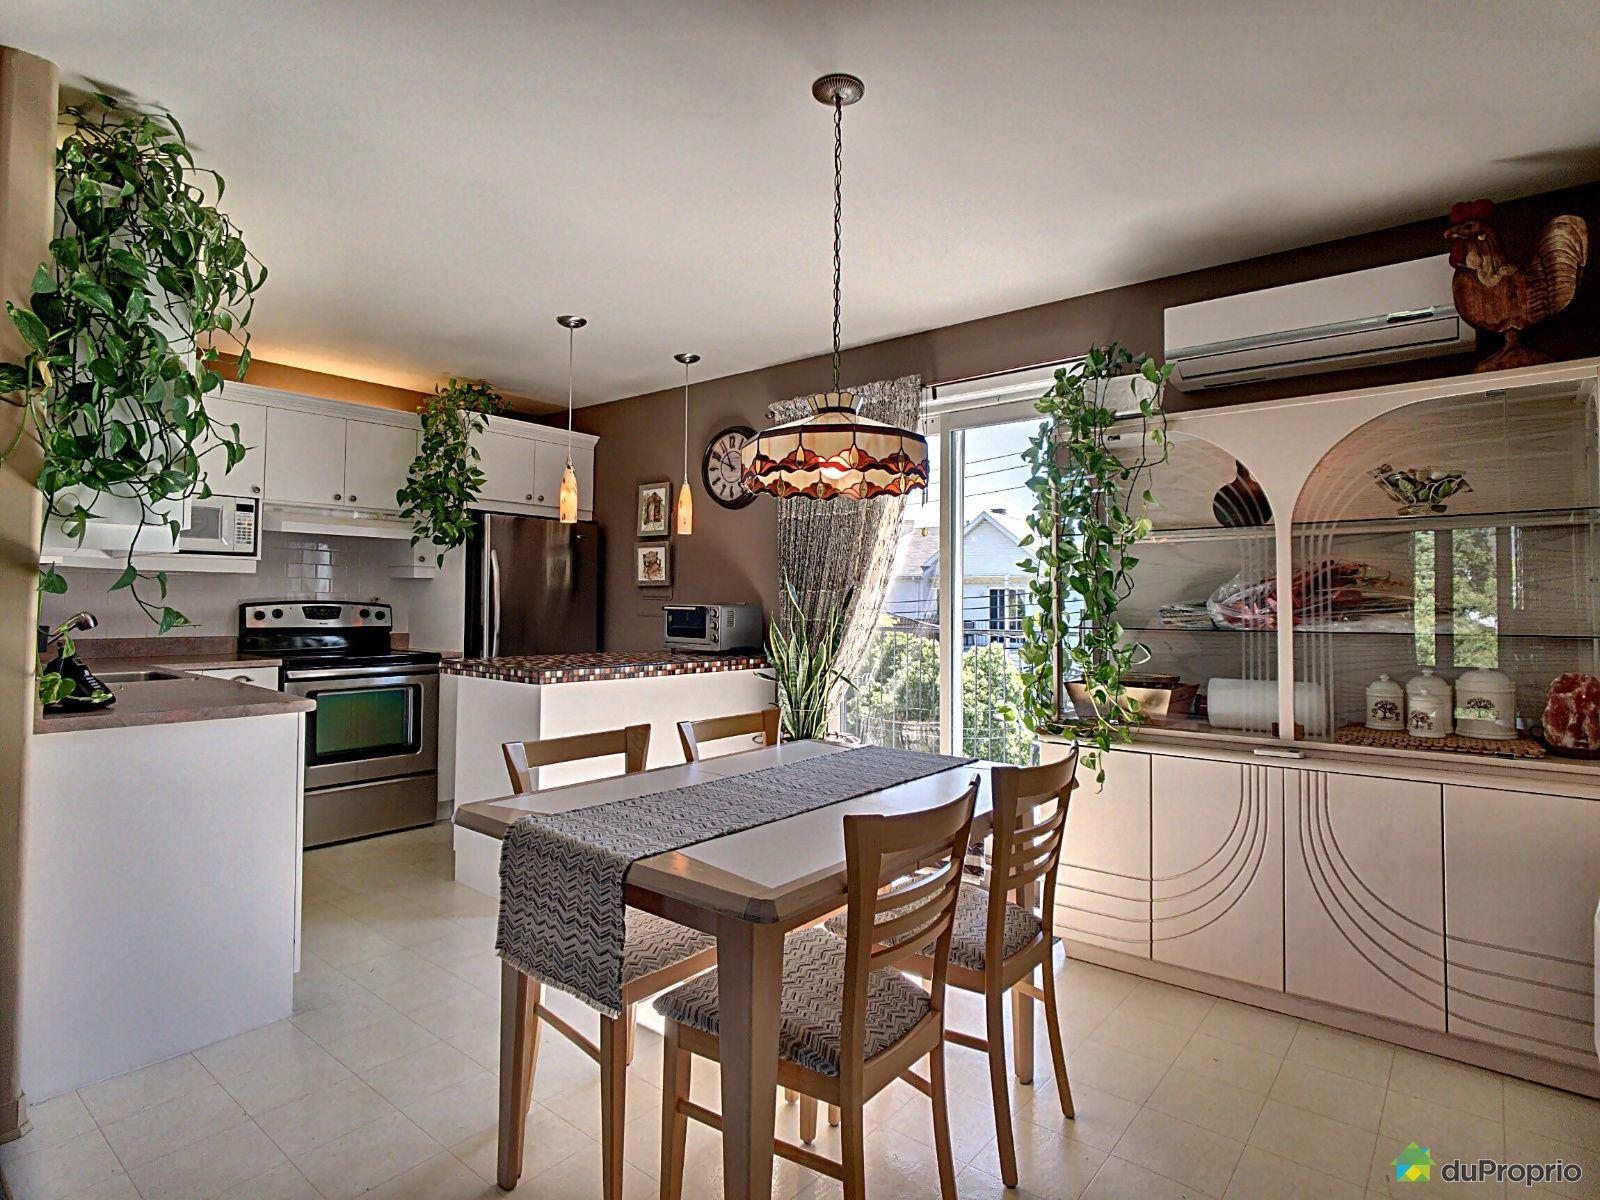 Dining Room / Living Room - 14644 rue Joseph-Mermet, Pointe-Aux-Trembles / Montréal-Est for sale